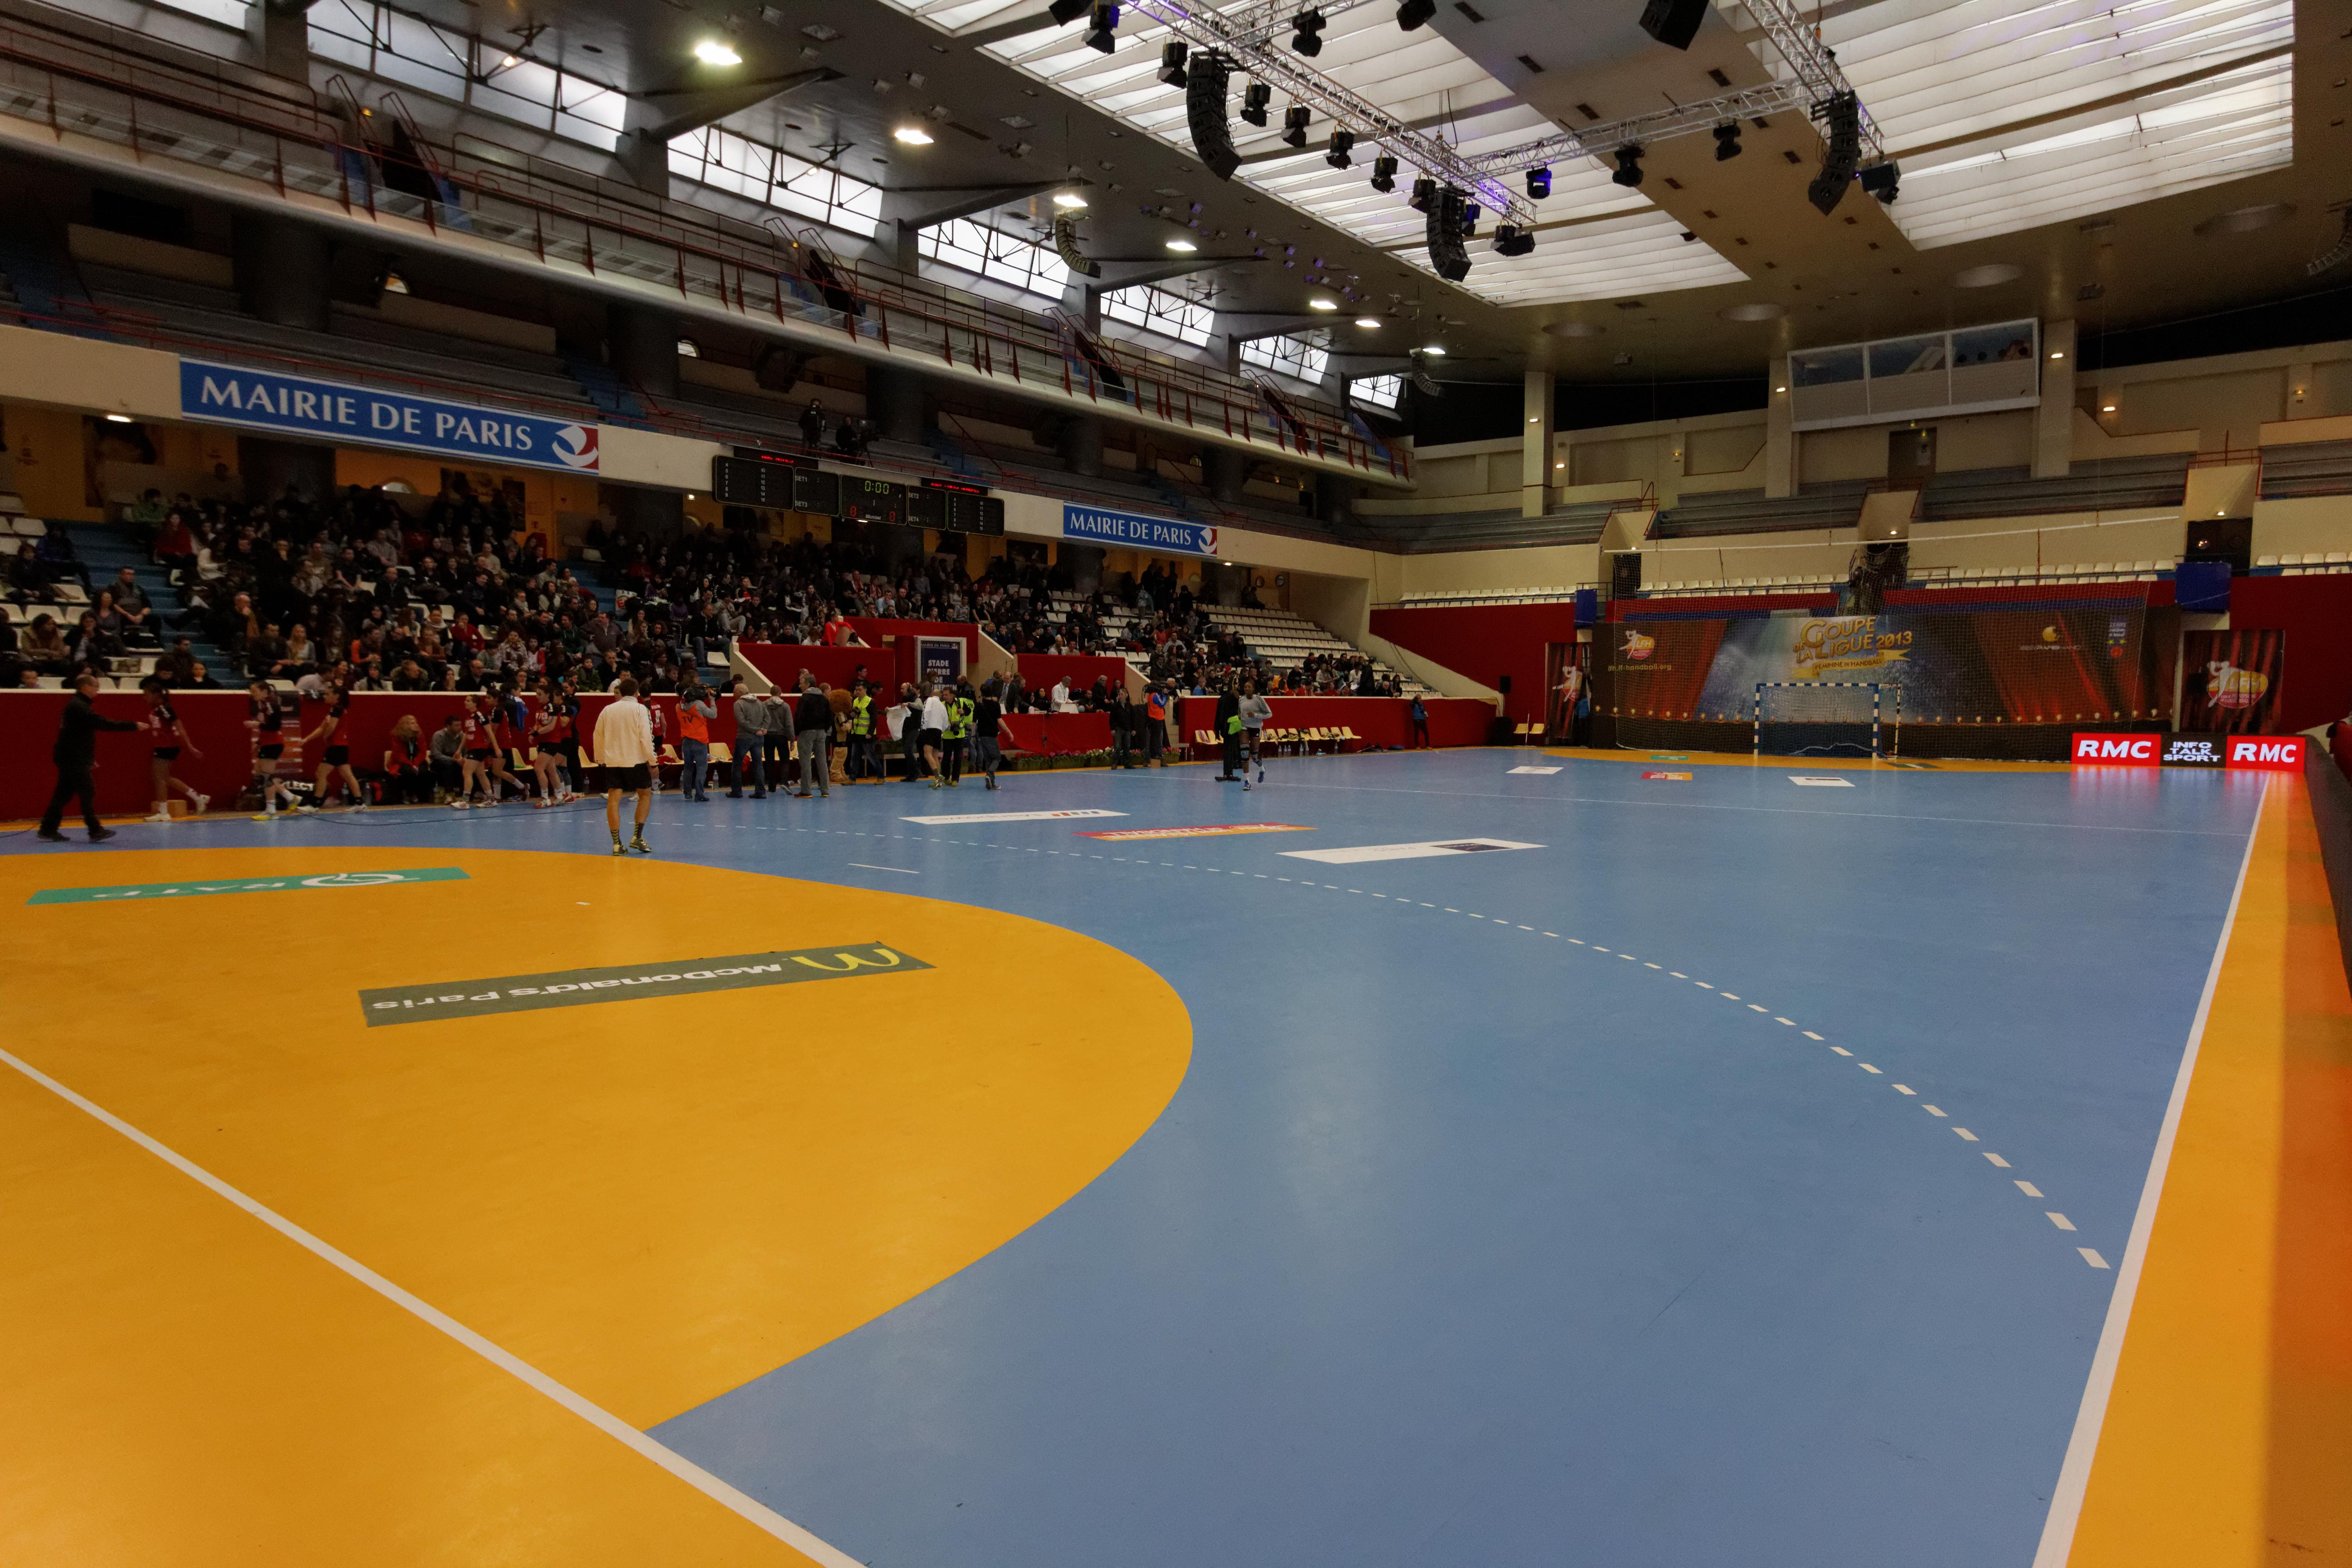 Stade Handball